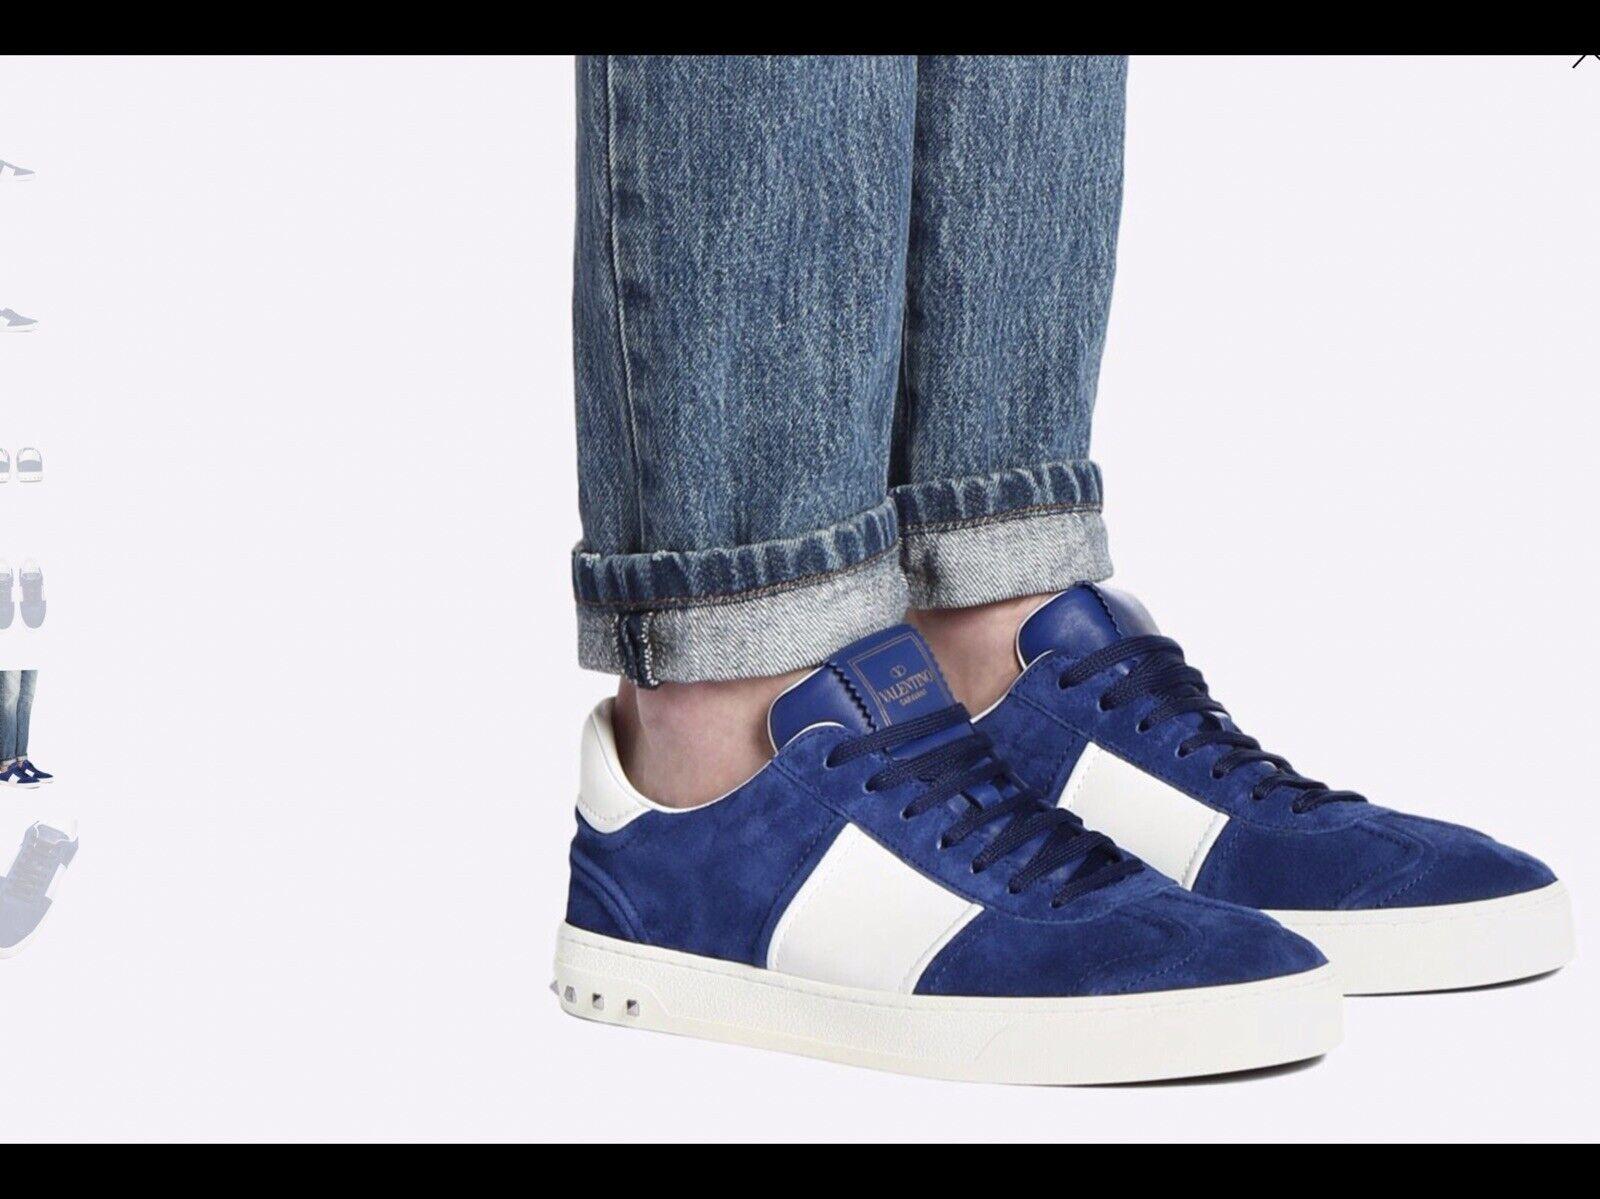 Men's VALENTINO GARAVANI Flycrew Sneakers bluee Suede Stud Trainers